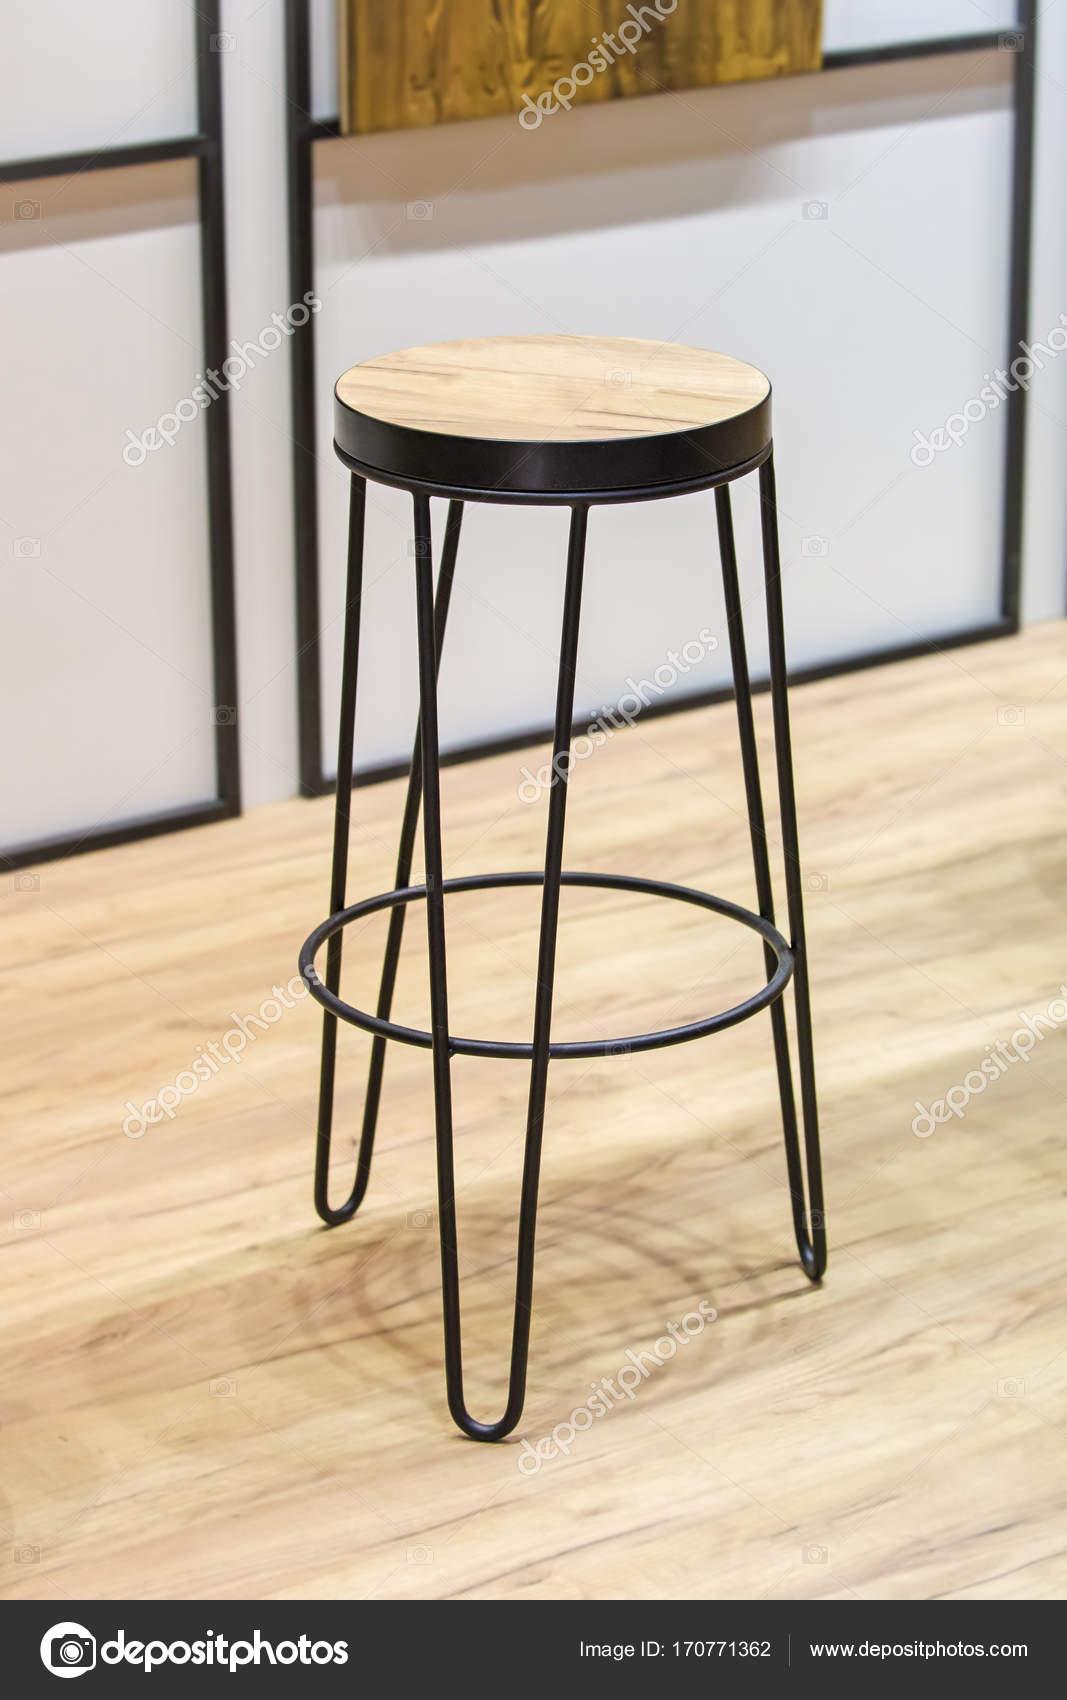 La Mode Chaise Haute En Bois Pour Restaurant Bar Et Faux Cadre Mtallique Noir Image De Olga Prava